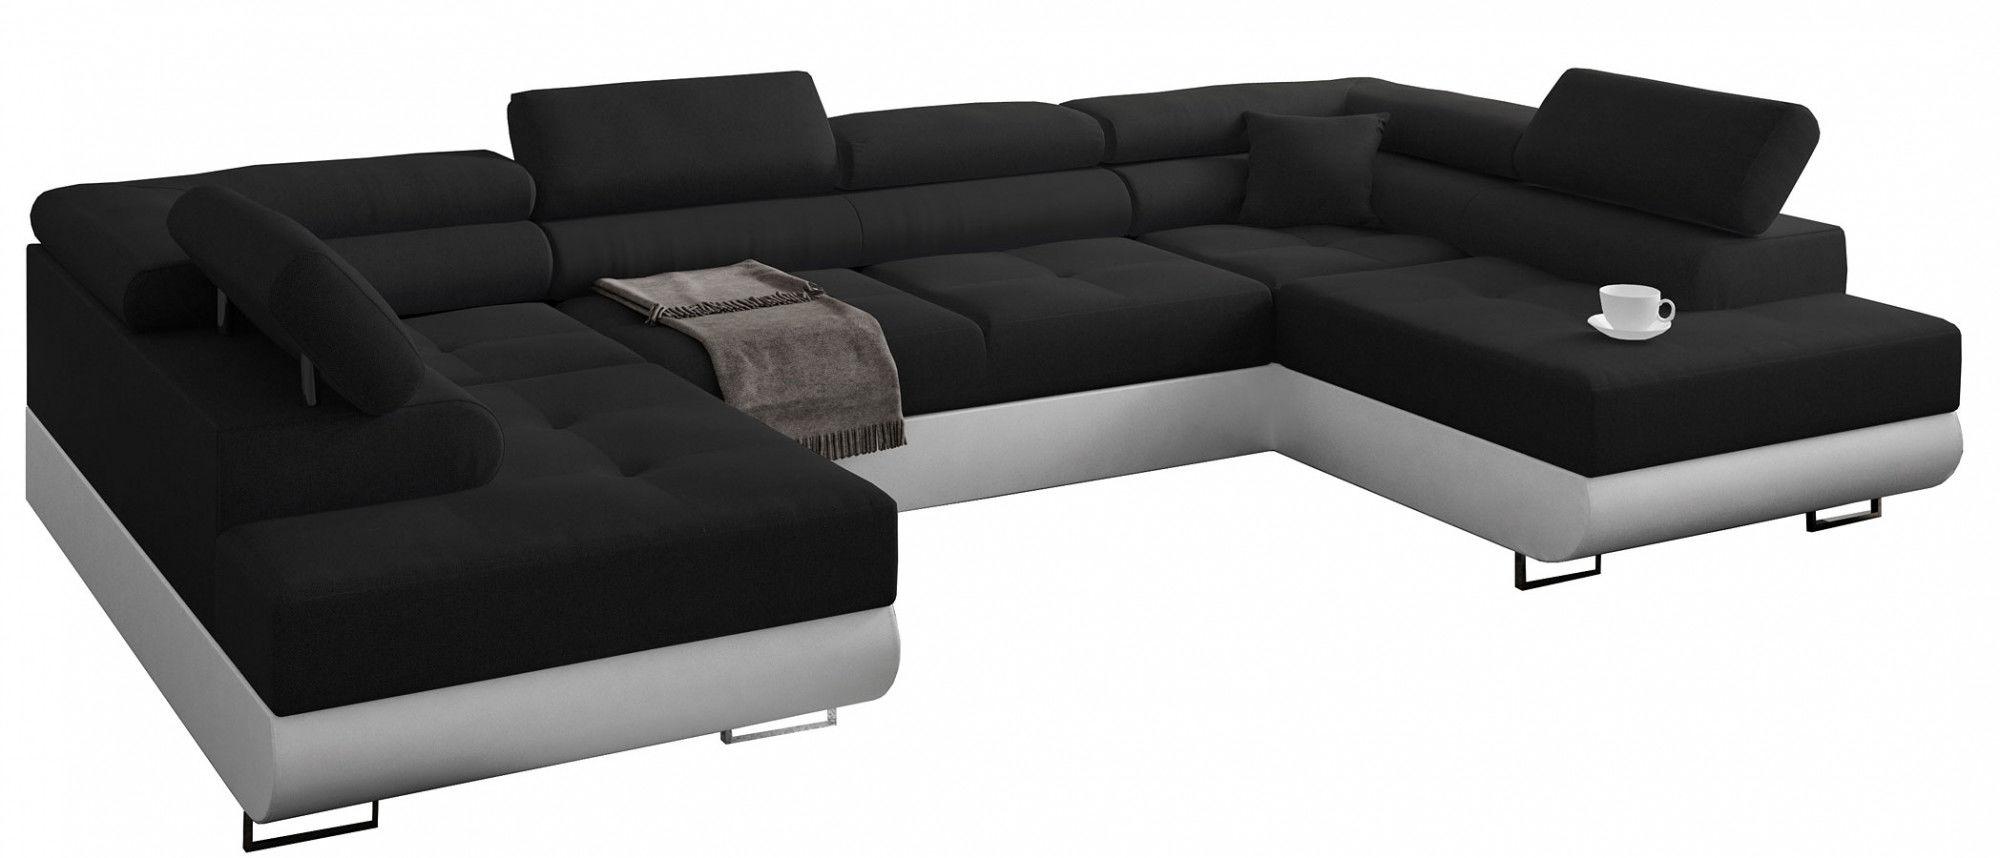 Nowoczesna kanapa narożna - Herna 3X 45 kolorów